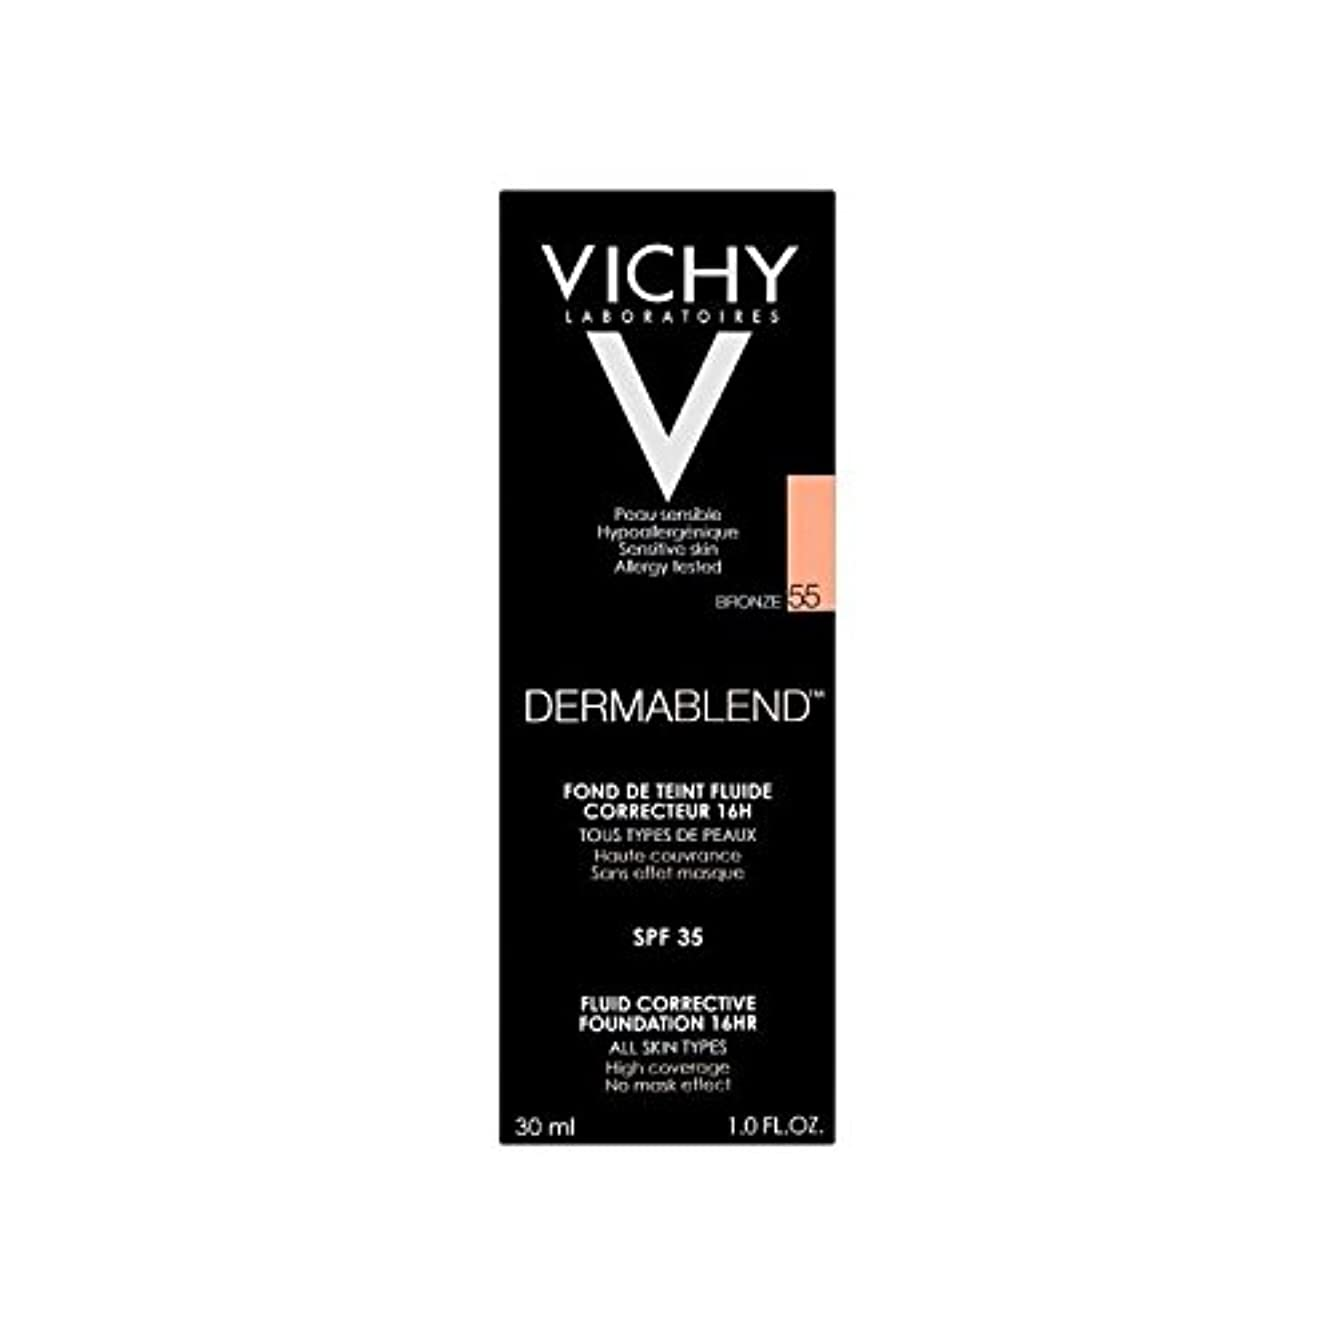 スコア苛性公使館ヴィシー是正流体の基礎30ミリリットル青銅55 x4 - Vichy Dermablend Corrective Fluid Foundation 30ml Bronze 55 (Pack of 4) [並行輸入品]